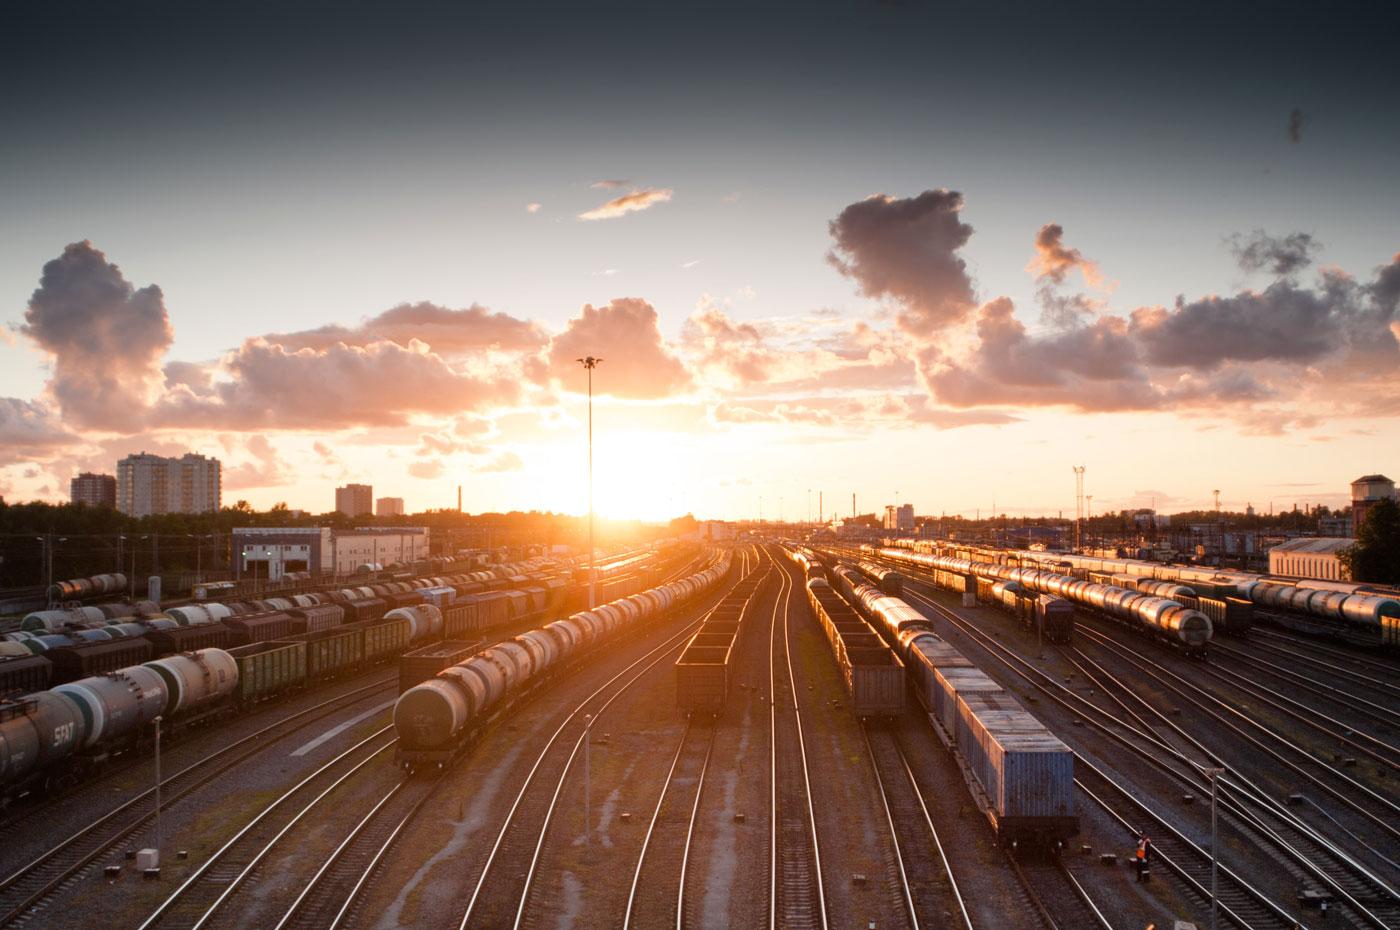 🚝 Укрзалізниця виклала ASMR відео зі звуками потяга — якщо ви дуже сумуєте за подорожами